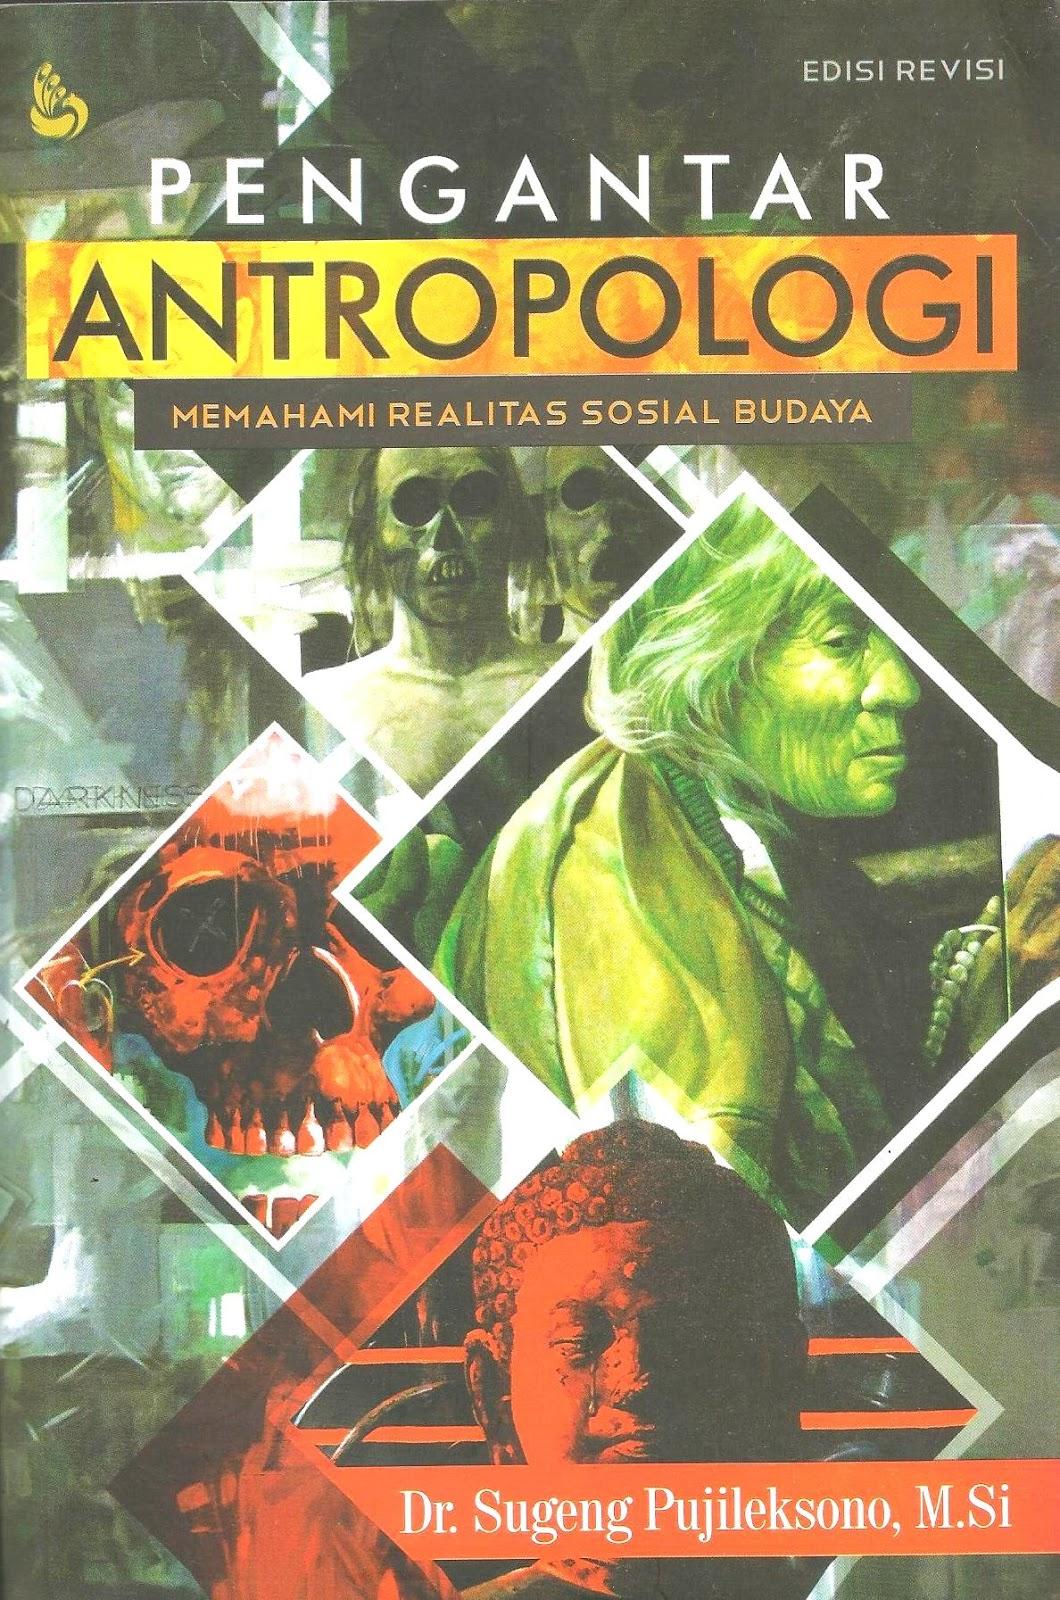 Buku Pengantar Antropologi Pdf